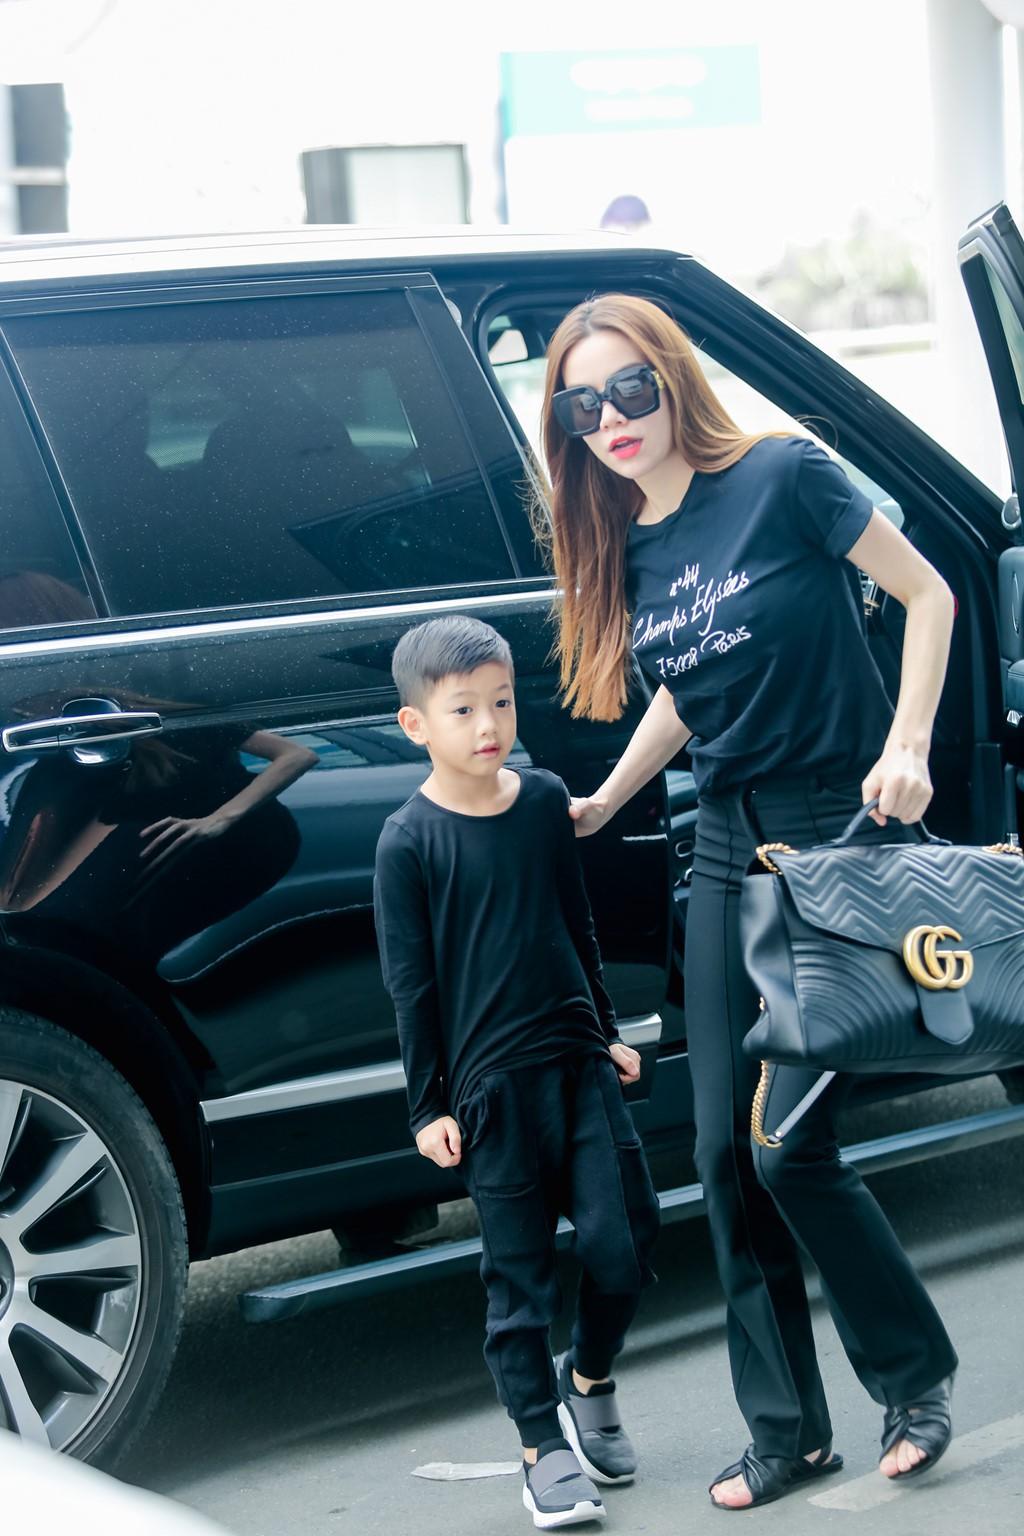 """Cuộc sống """"sang chảnh"""" của các nhóc tì sao Việt: Sống trong biệt thự triệu đô, được tặng xe hơi mừng sinh nhật - Ảnh 16."""